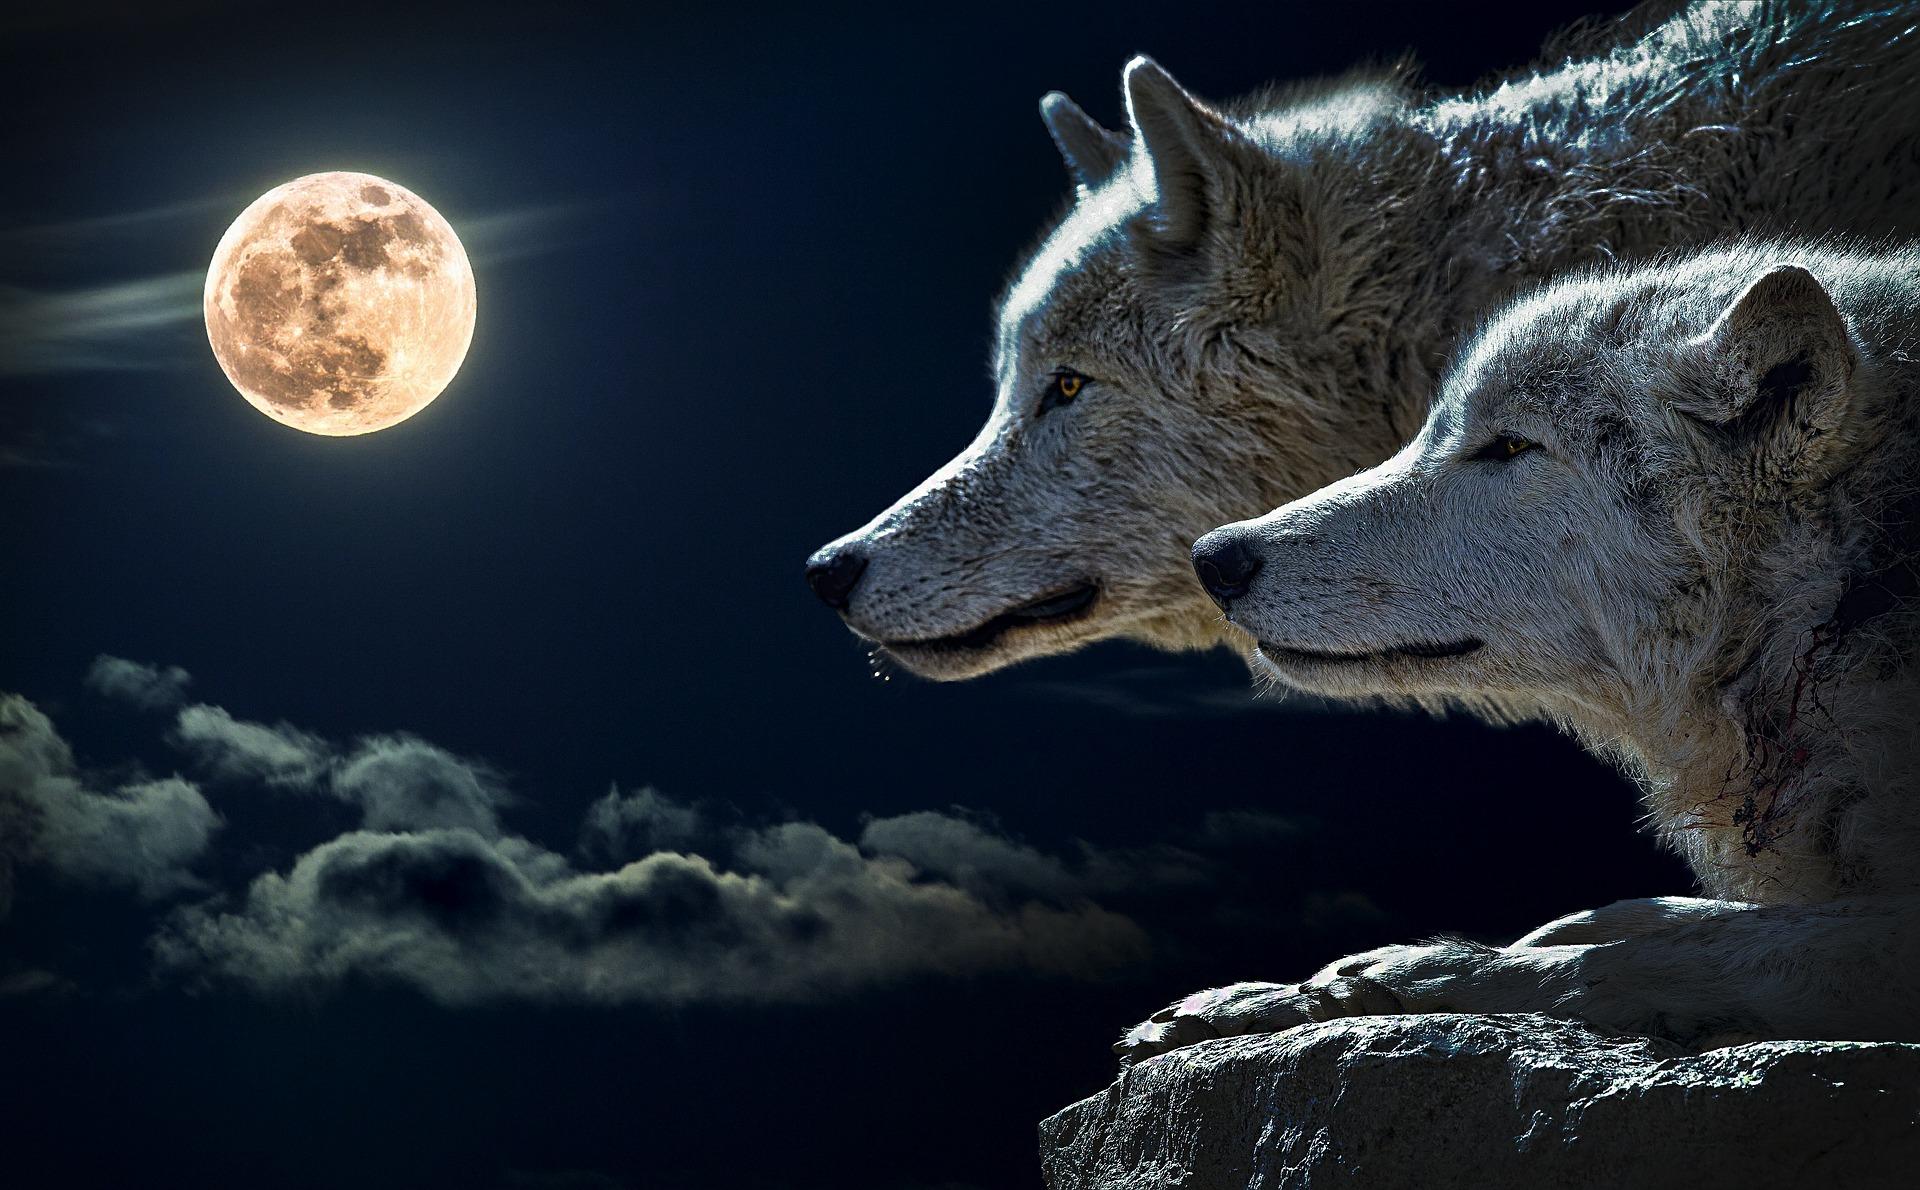 Zwei Wölfe leben in uns - Blog | Froschkoenige.ch - Jürg ...